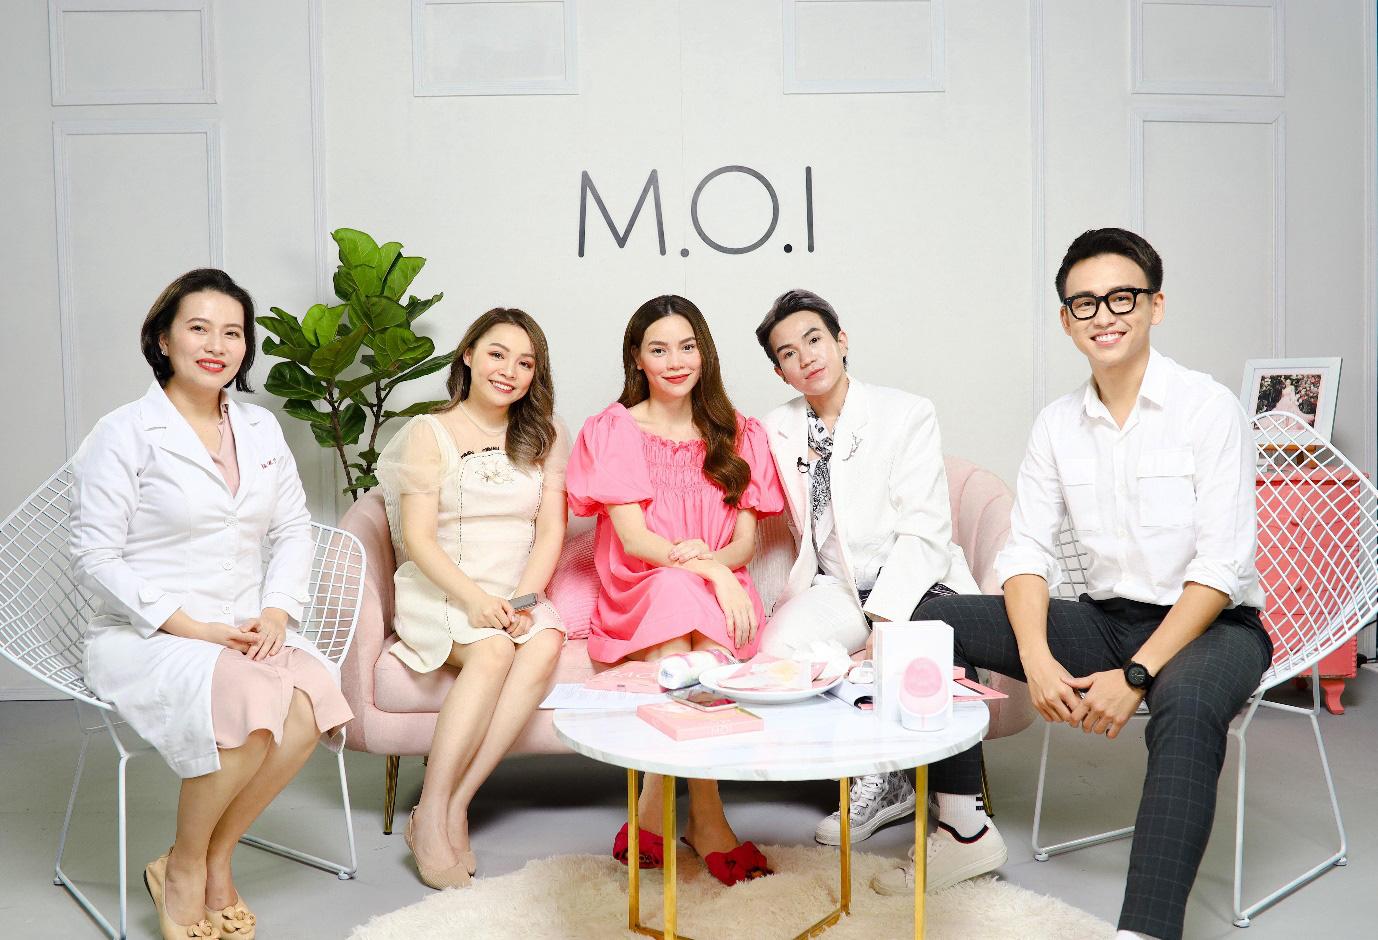 """Chơi lớn như Hà Hồ, dám mời các beauty blogger từng """"chê"""" mình tới """"soi"""" mặt nạ gạo cải tiến - Ảnh 2."""